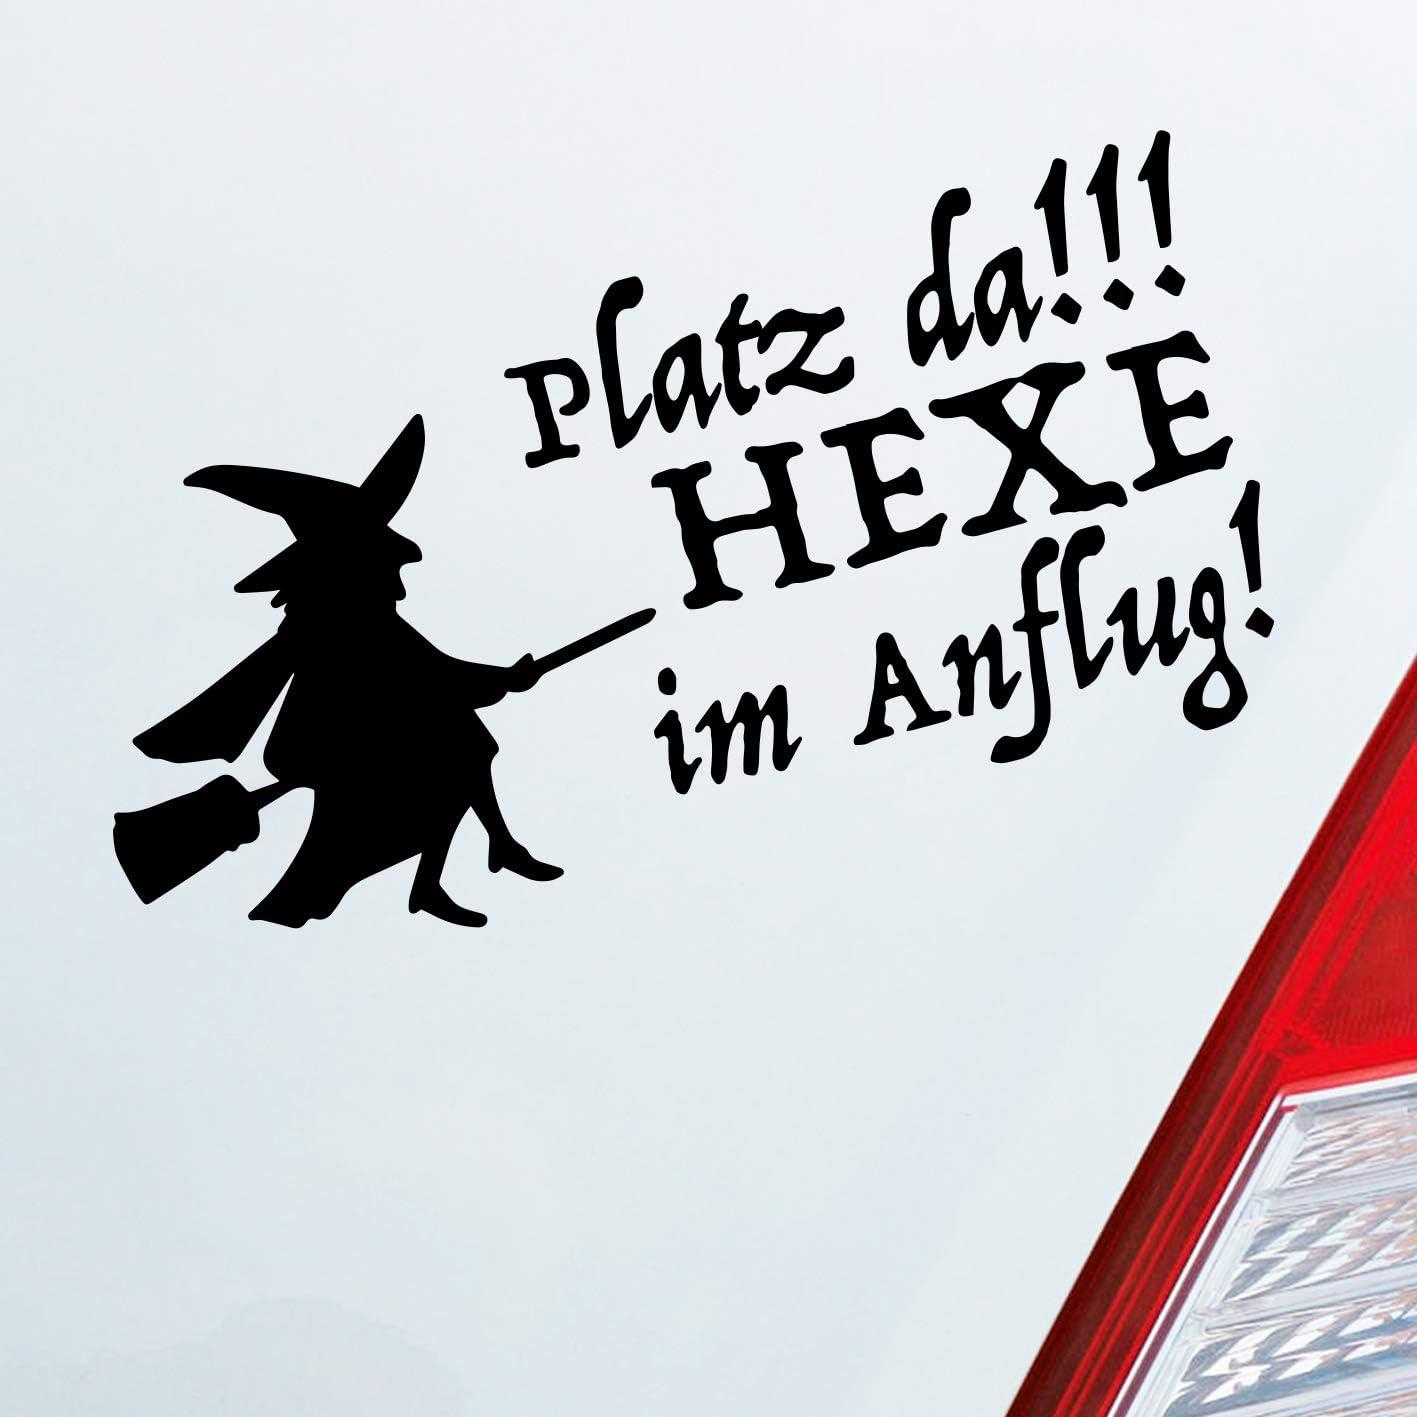 Auto Aufkleber In Deiner Wunschfarbe Platz Da Hexe Im Anflug Girl Dub Oem Jdm 10x20 Cm Autoaufkleber Sticker Auto